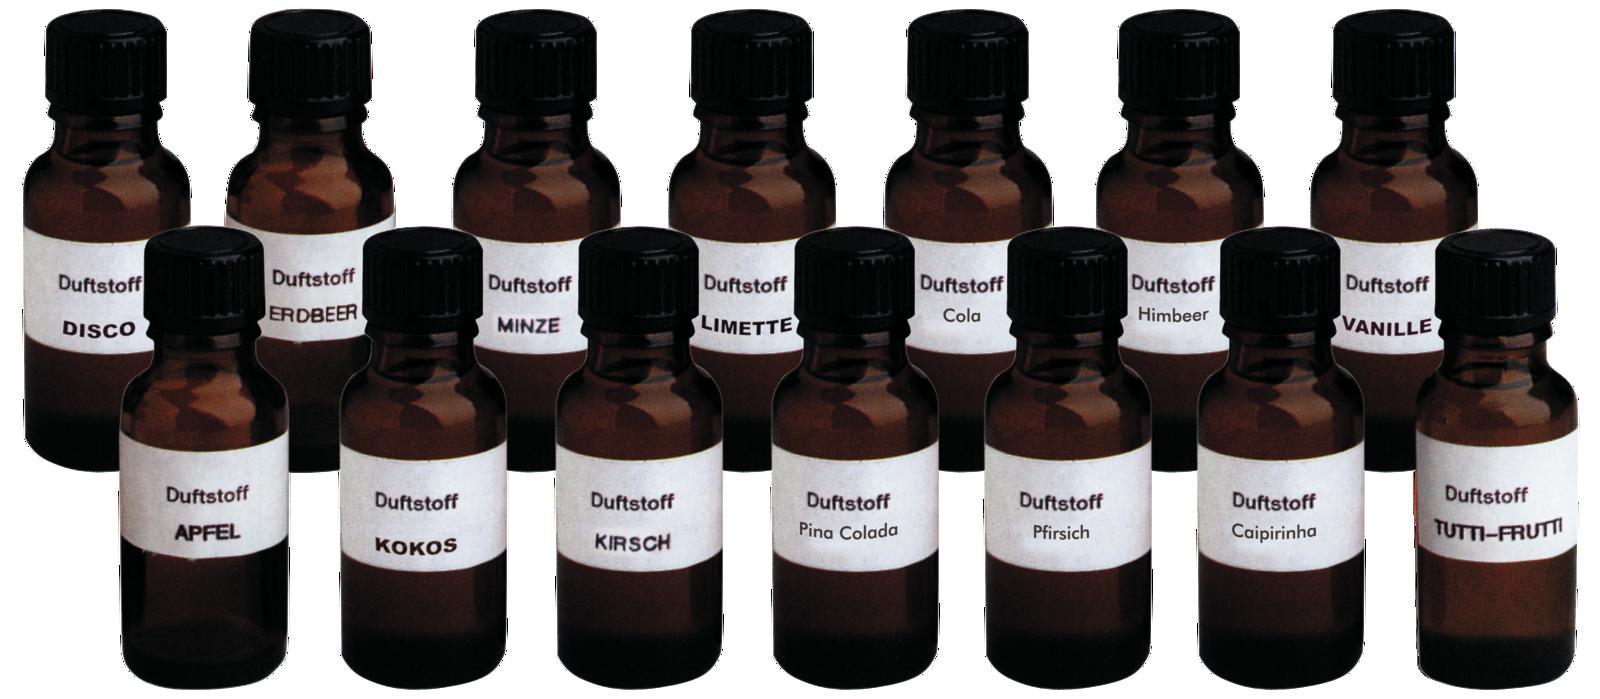 Profumo per liquido macchina del fumo-nebbia 14 tipi di fragranze EUROLITE